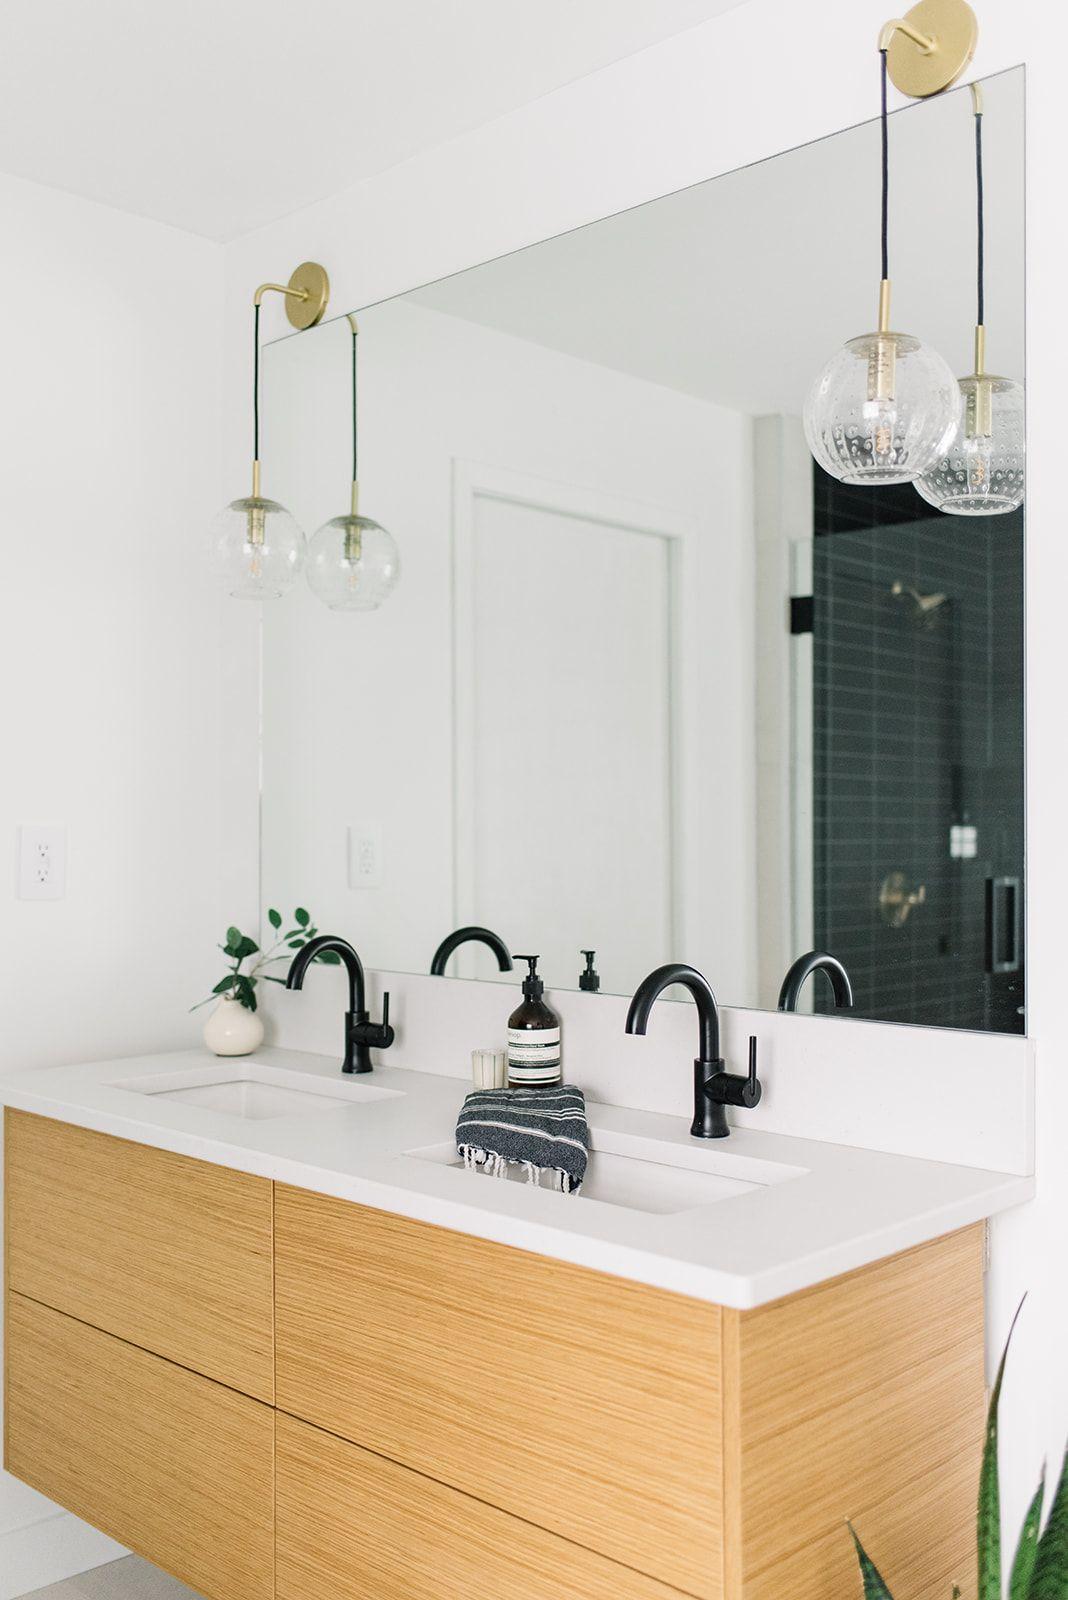 Brass Hanging Pendants Above Bathroom Vanity Lighting